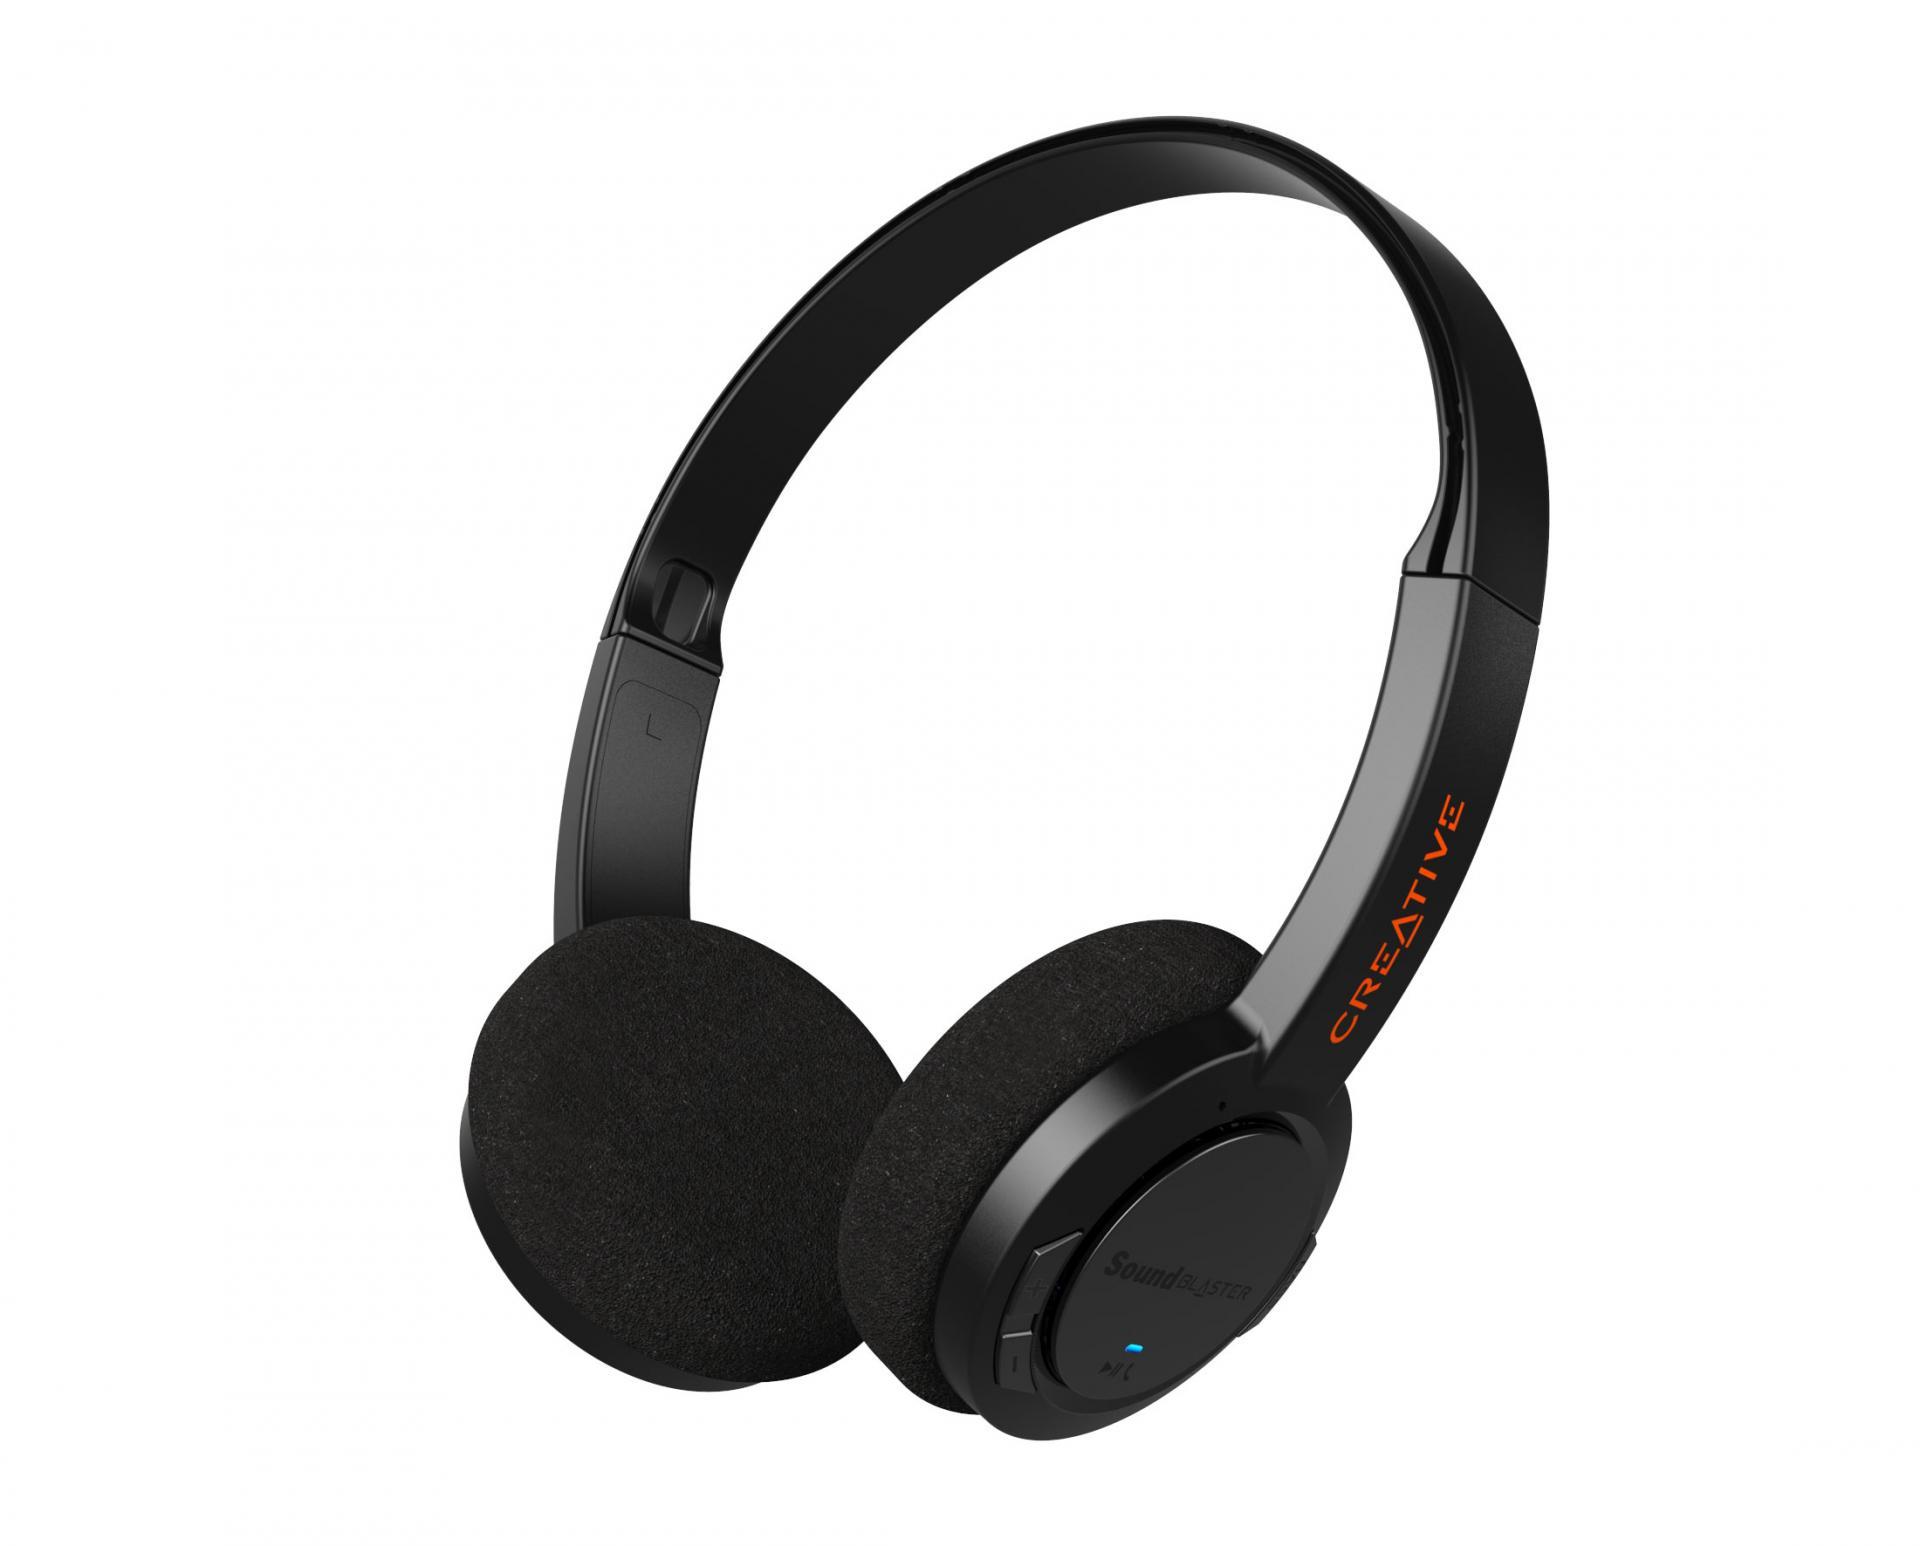 Creative запускает впродажу недорогую гарнитуру Sound Blaster JAM V2